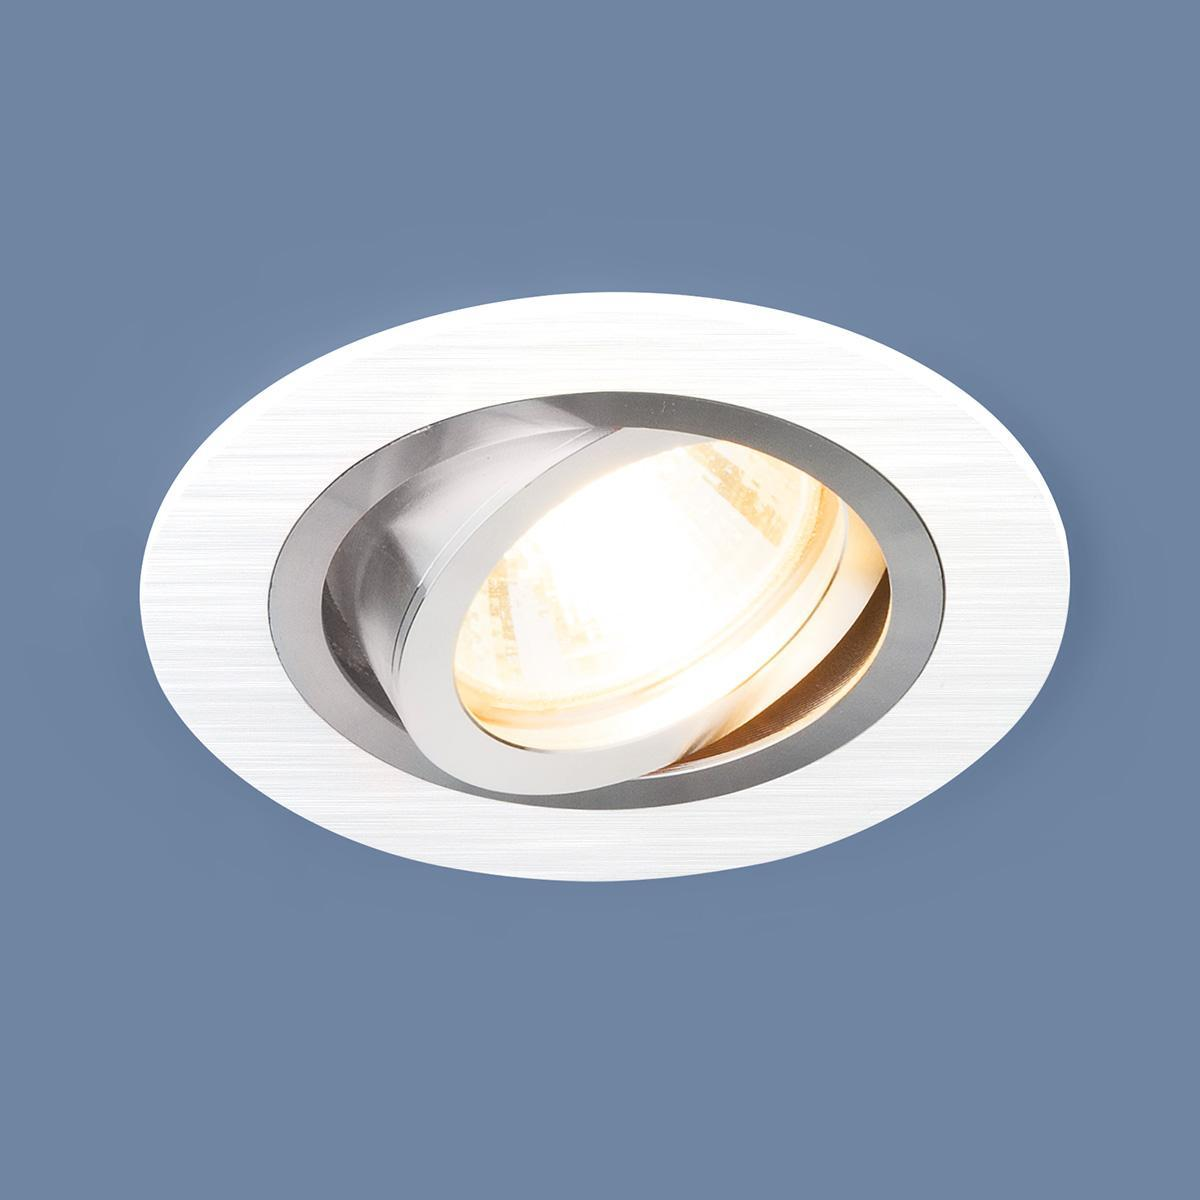 Фото - Встраиваемый светильник Elektrostandard 1061/1 MR16 WH белый 4690389095474 cветильник галогенный de fran встраиваемый 1х50вт mr16 ip20 зел античное золото